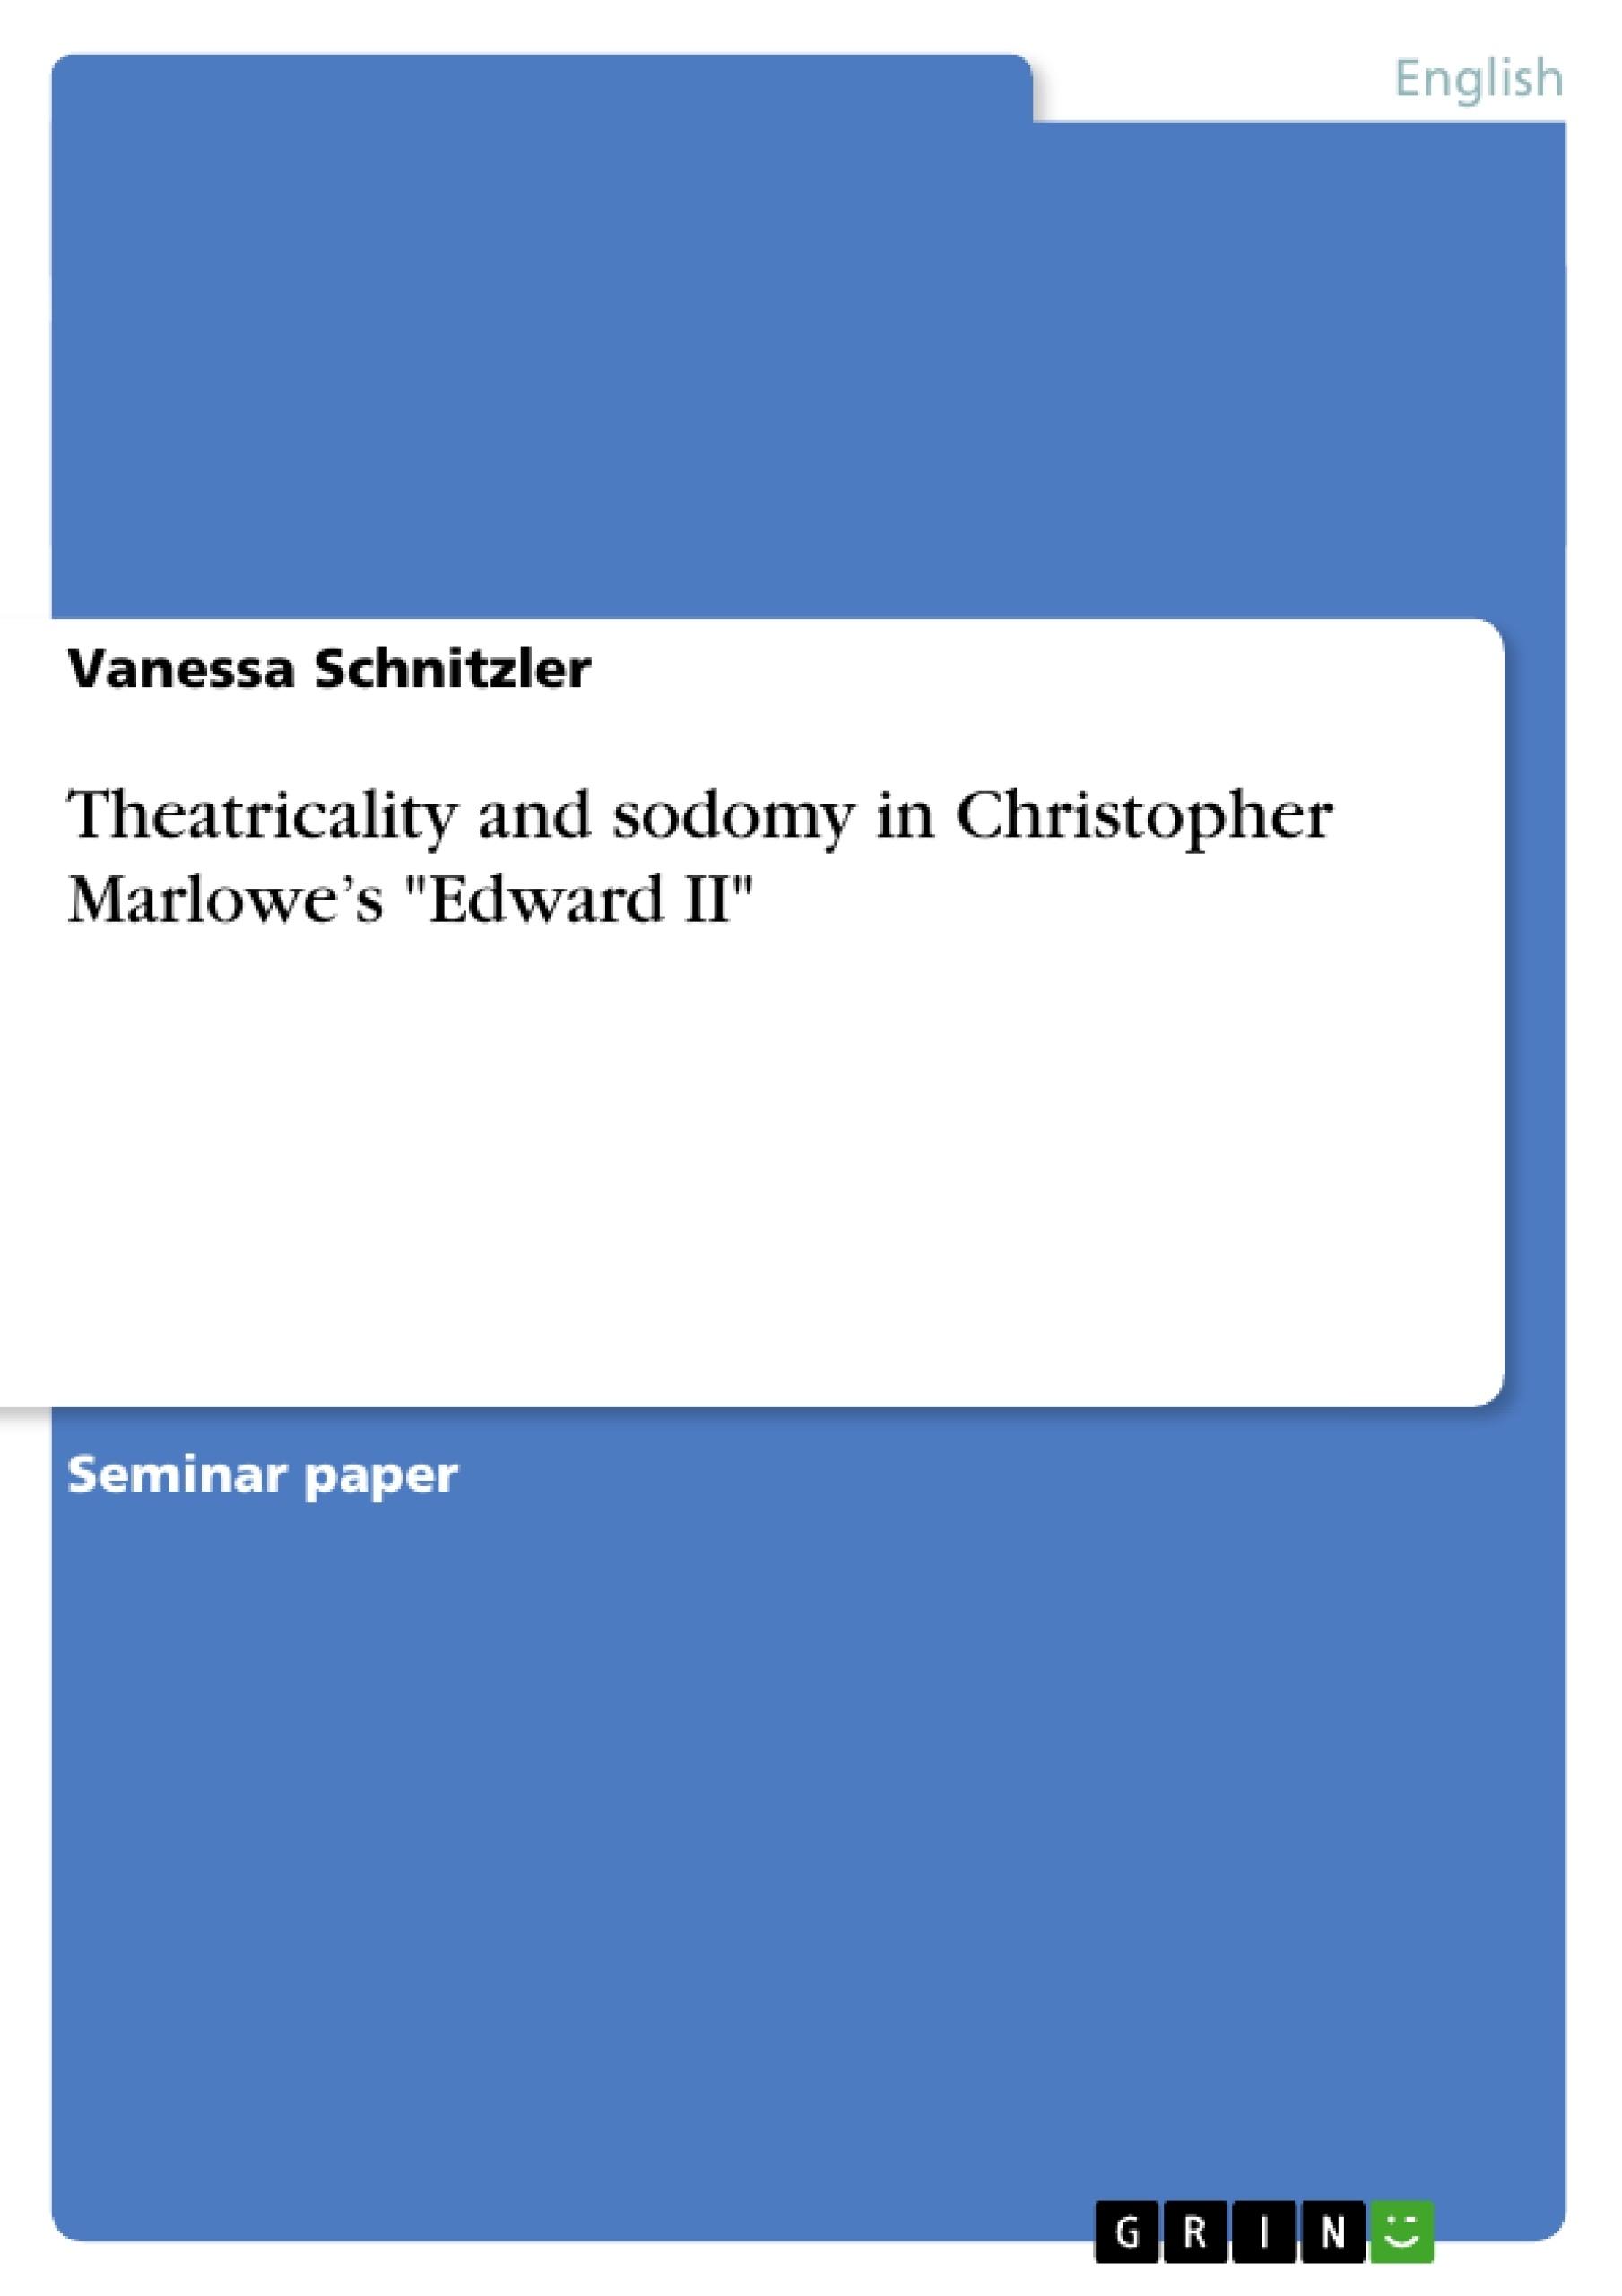 Marlowe edward ii homosexuality in christianity